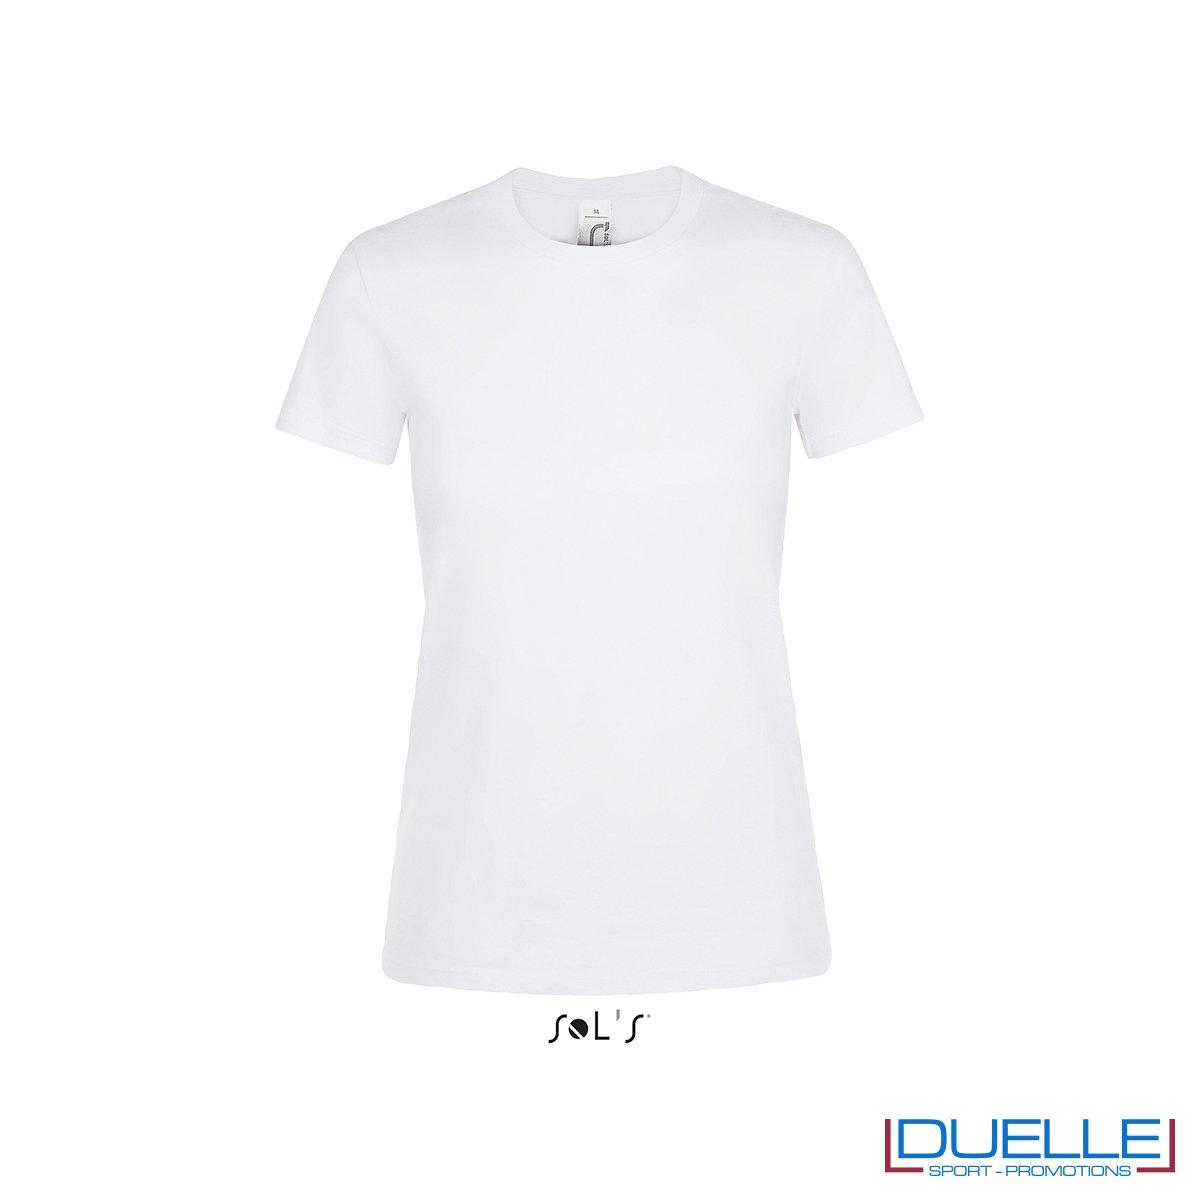 T-shirt personalizzata donna in cotone bianca